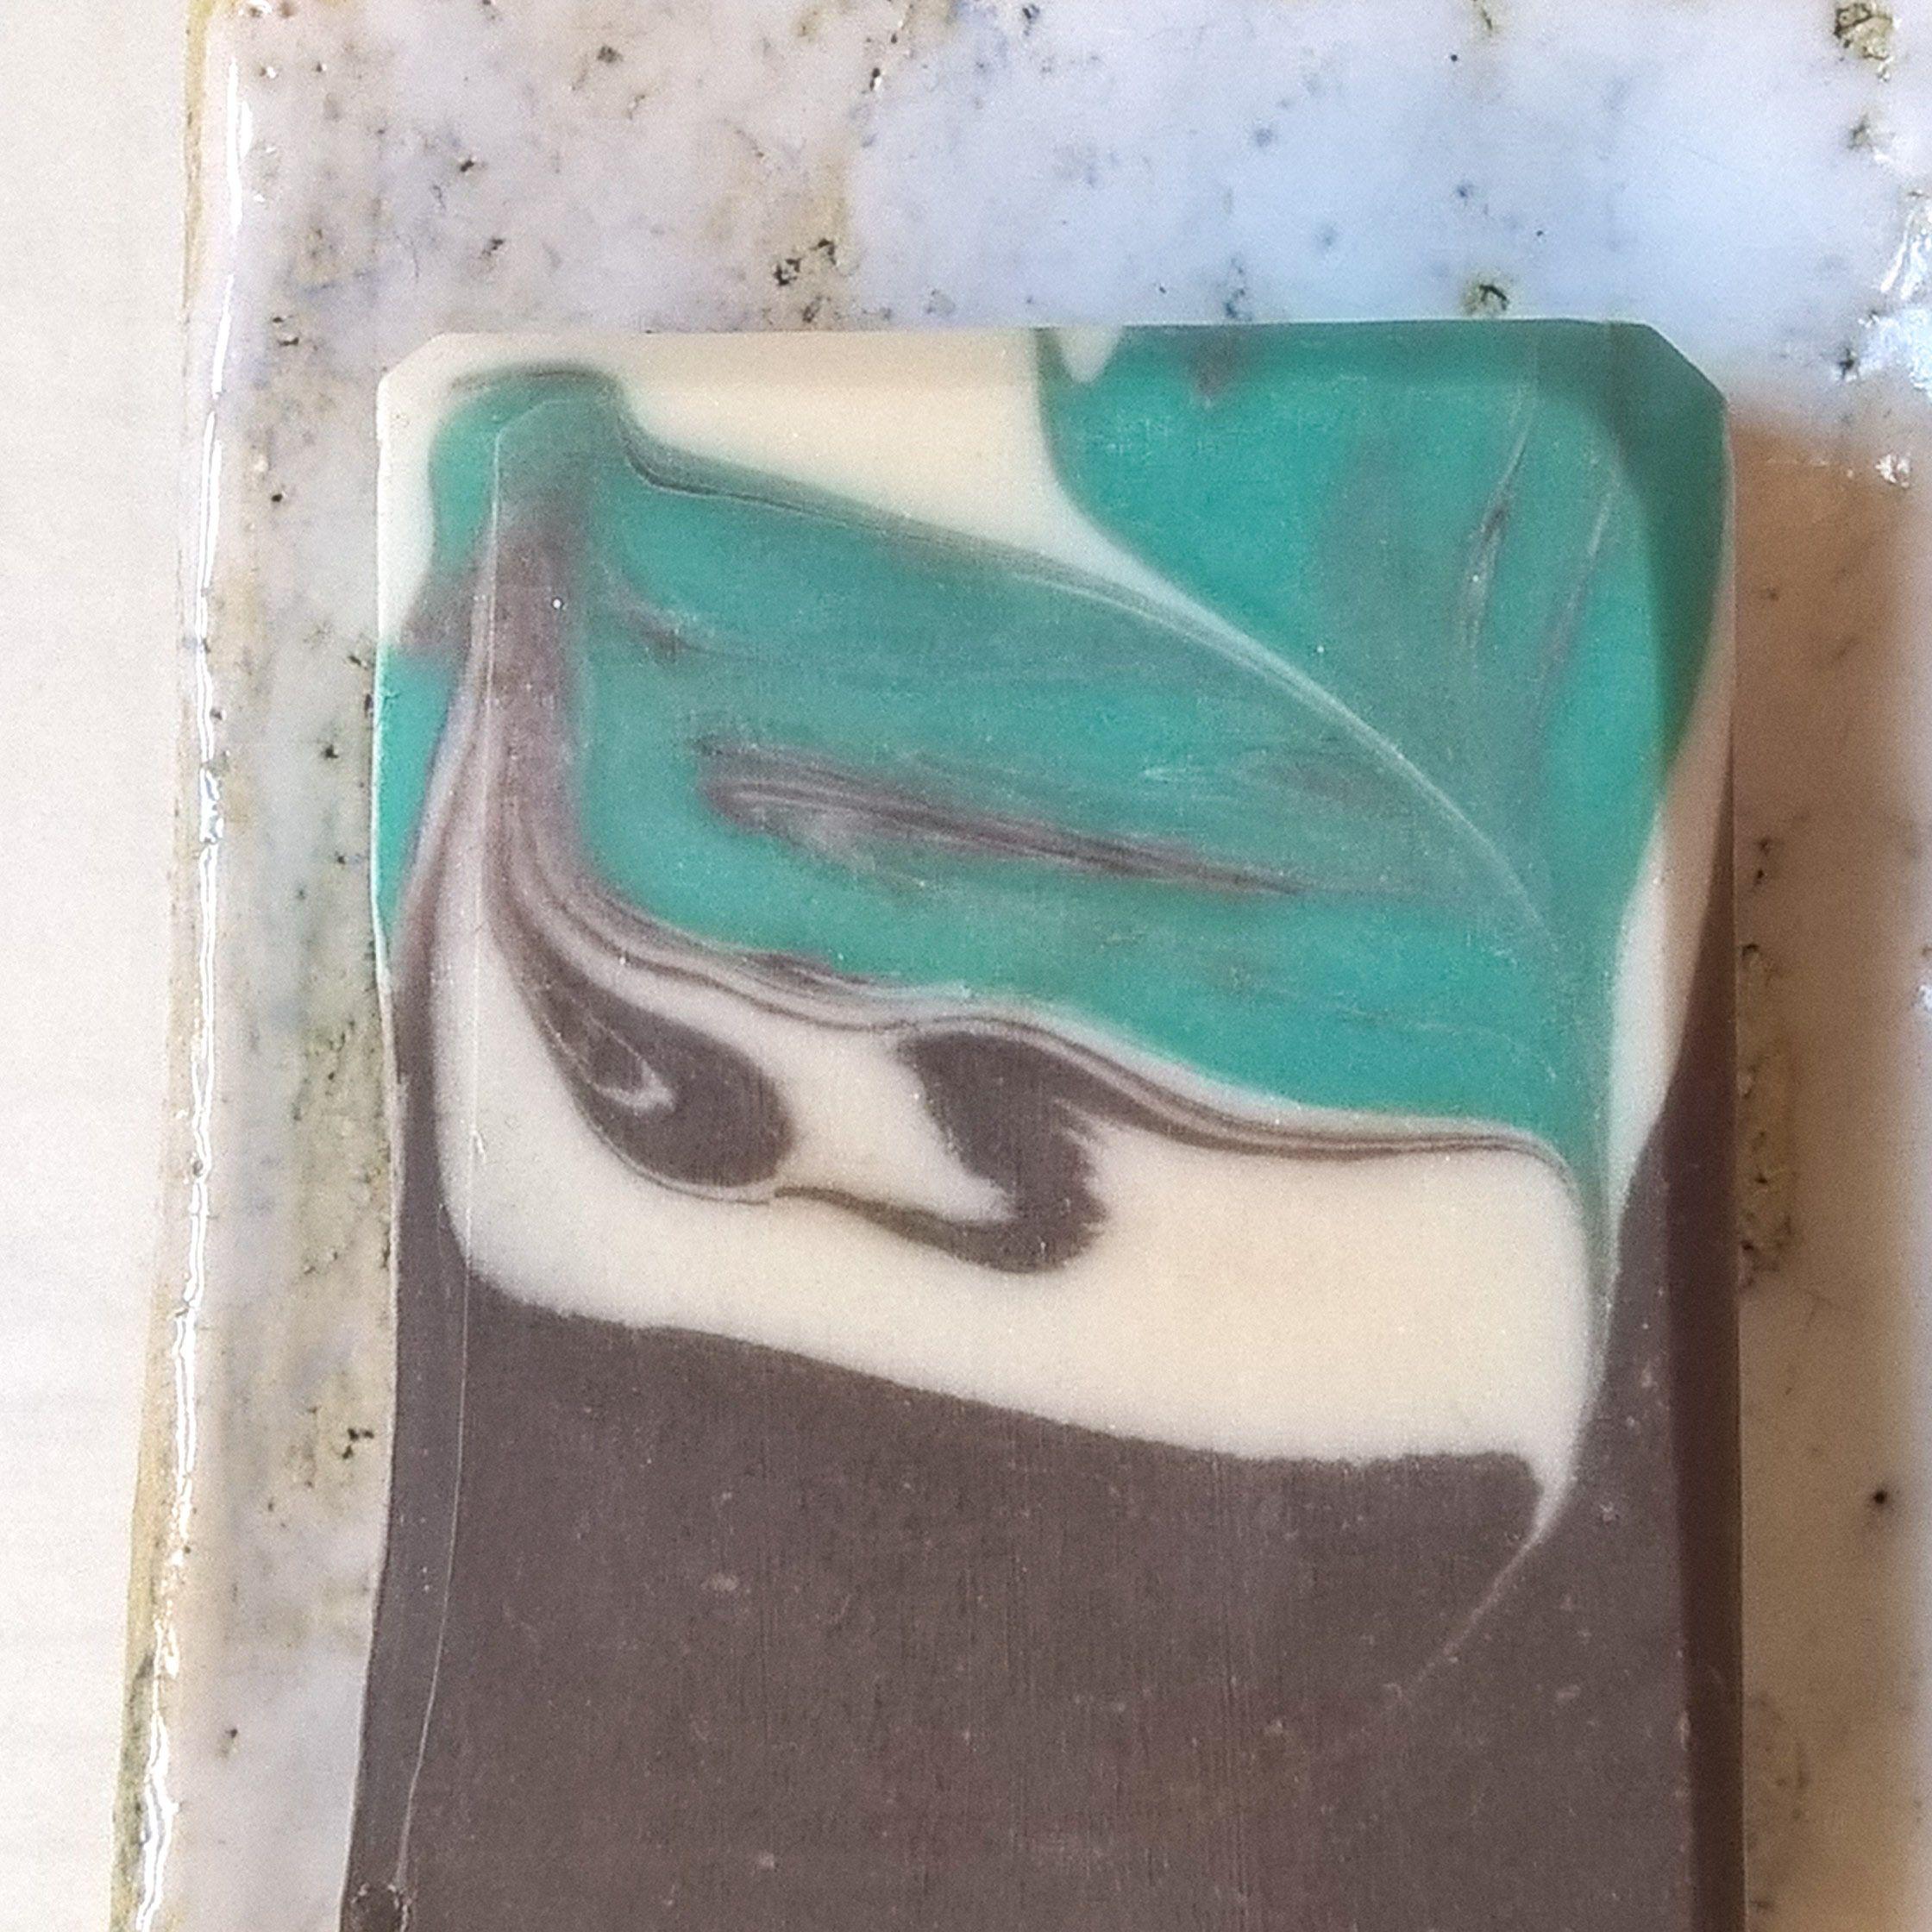 Almond Coffee - mýdlo s vůní mandloní, smetany, kávy a jen trošku mintovou, sexy temná a zemitá pánská vůně, unisex vůně; obsahuje pravou kávu s kofeinem, taky jogurt a hedvábí | this soap smells of almonds, cream, coffee and just a little mint...intricate dark and earthy manly scent, also nice for women; soap made with coffee, yoghurt and silk